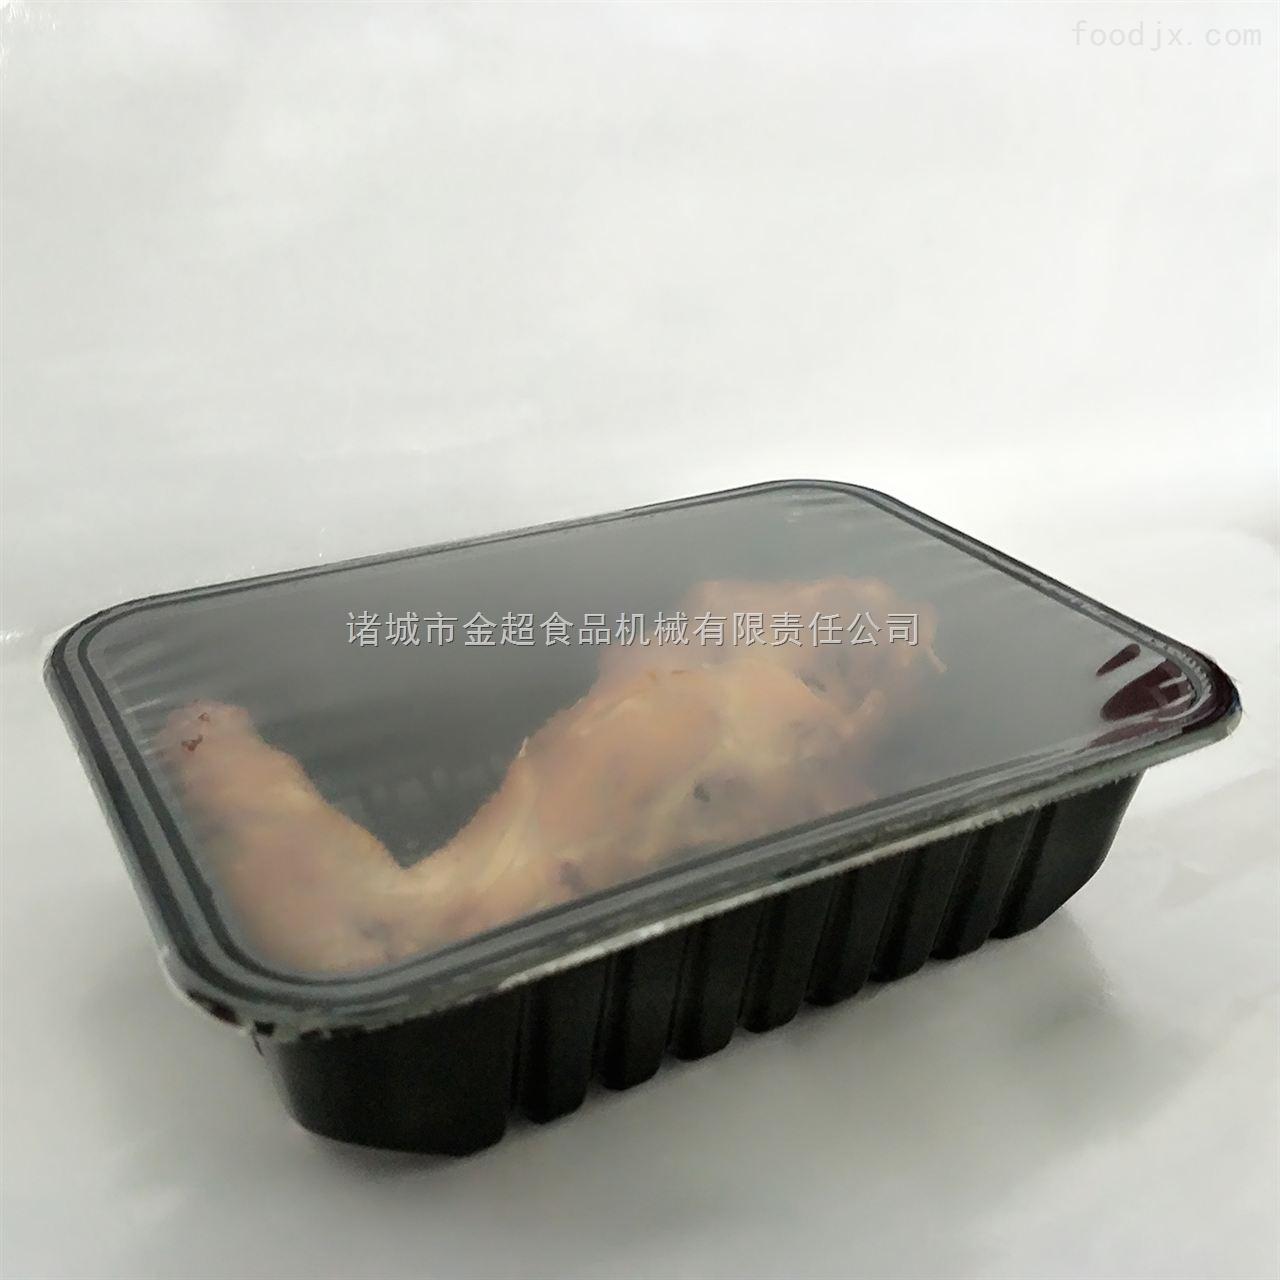 熟食盒式封膜真空气调包装机